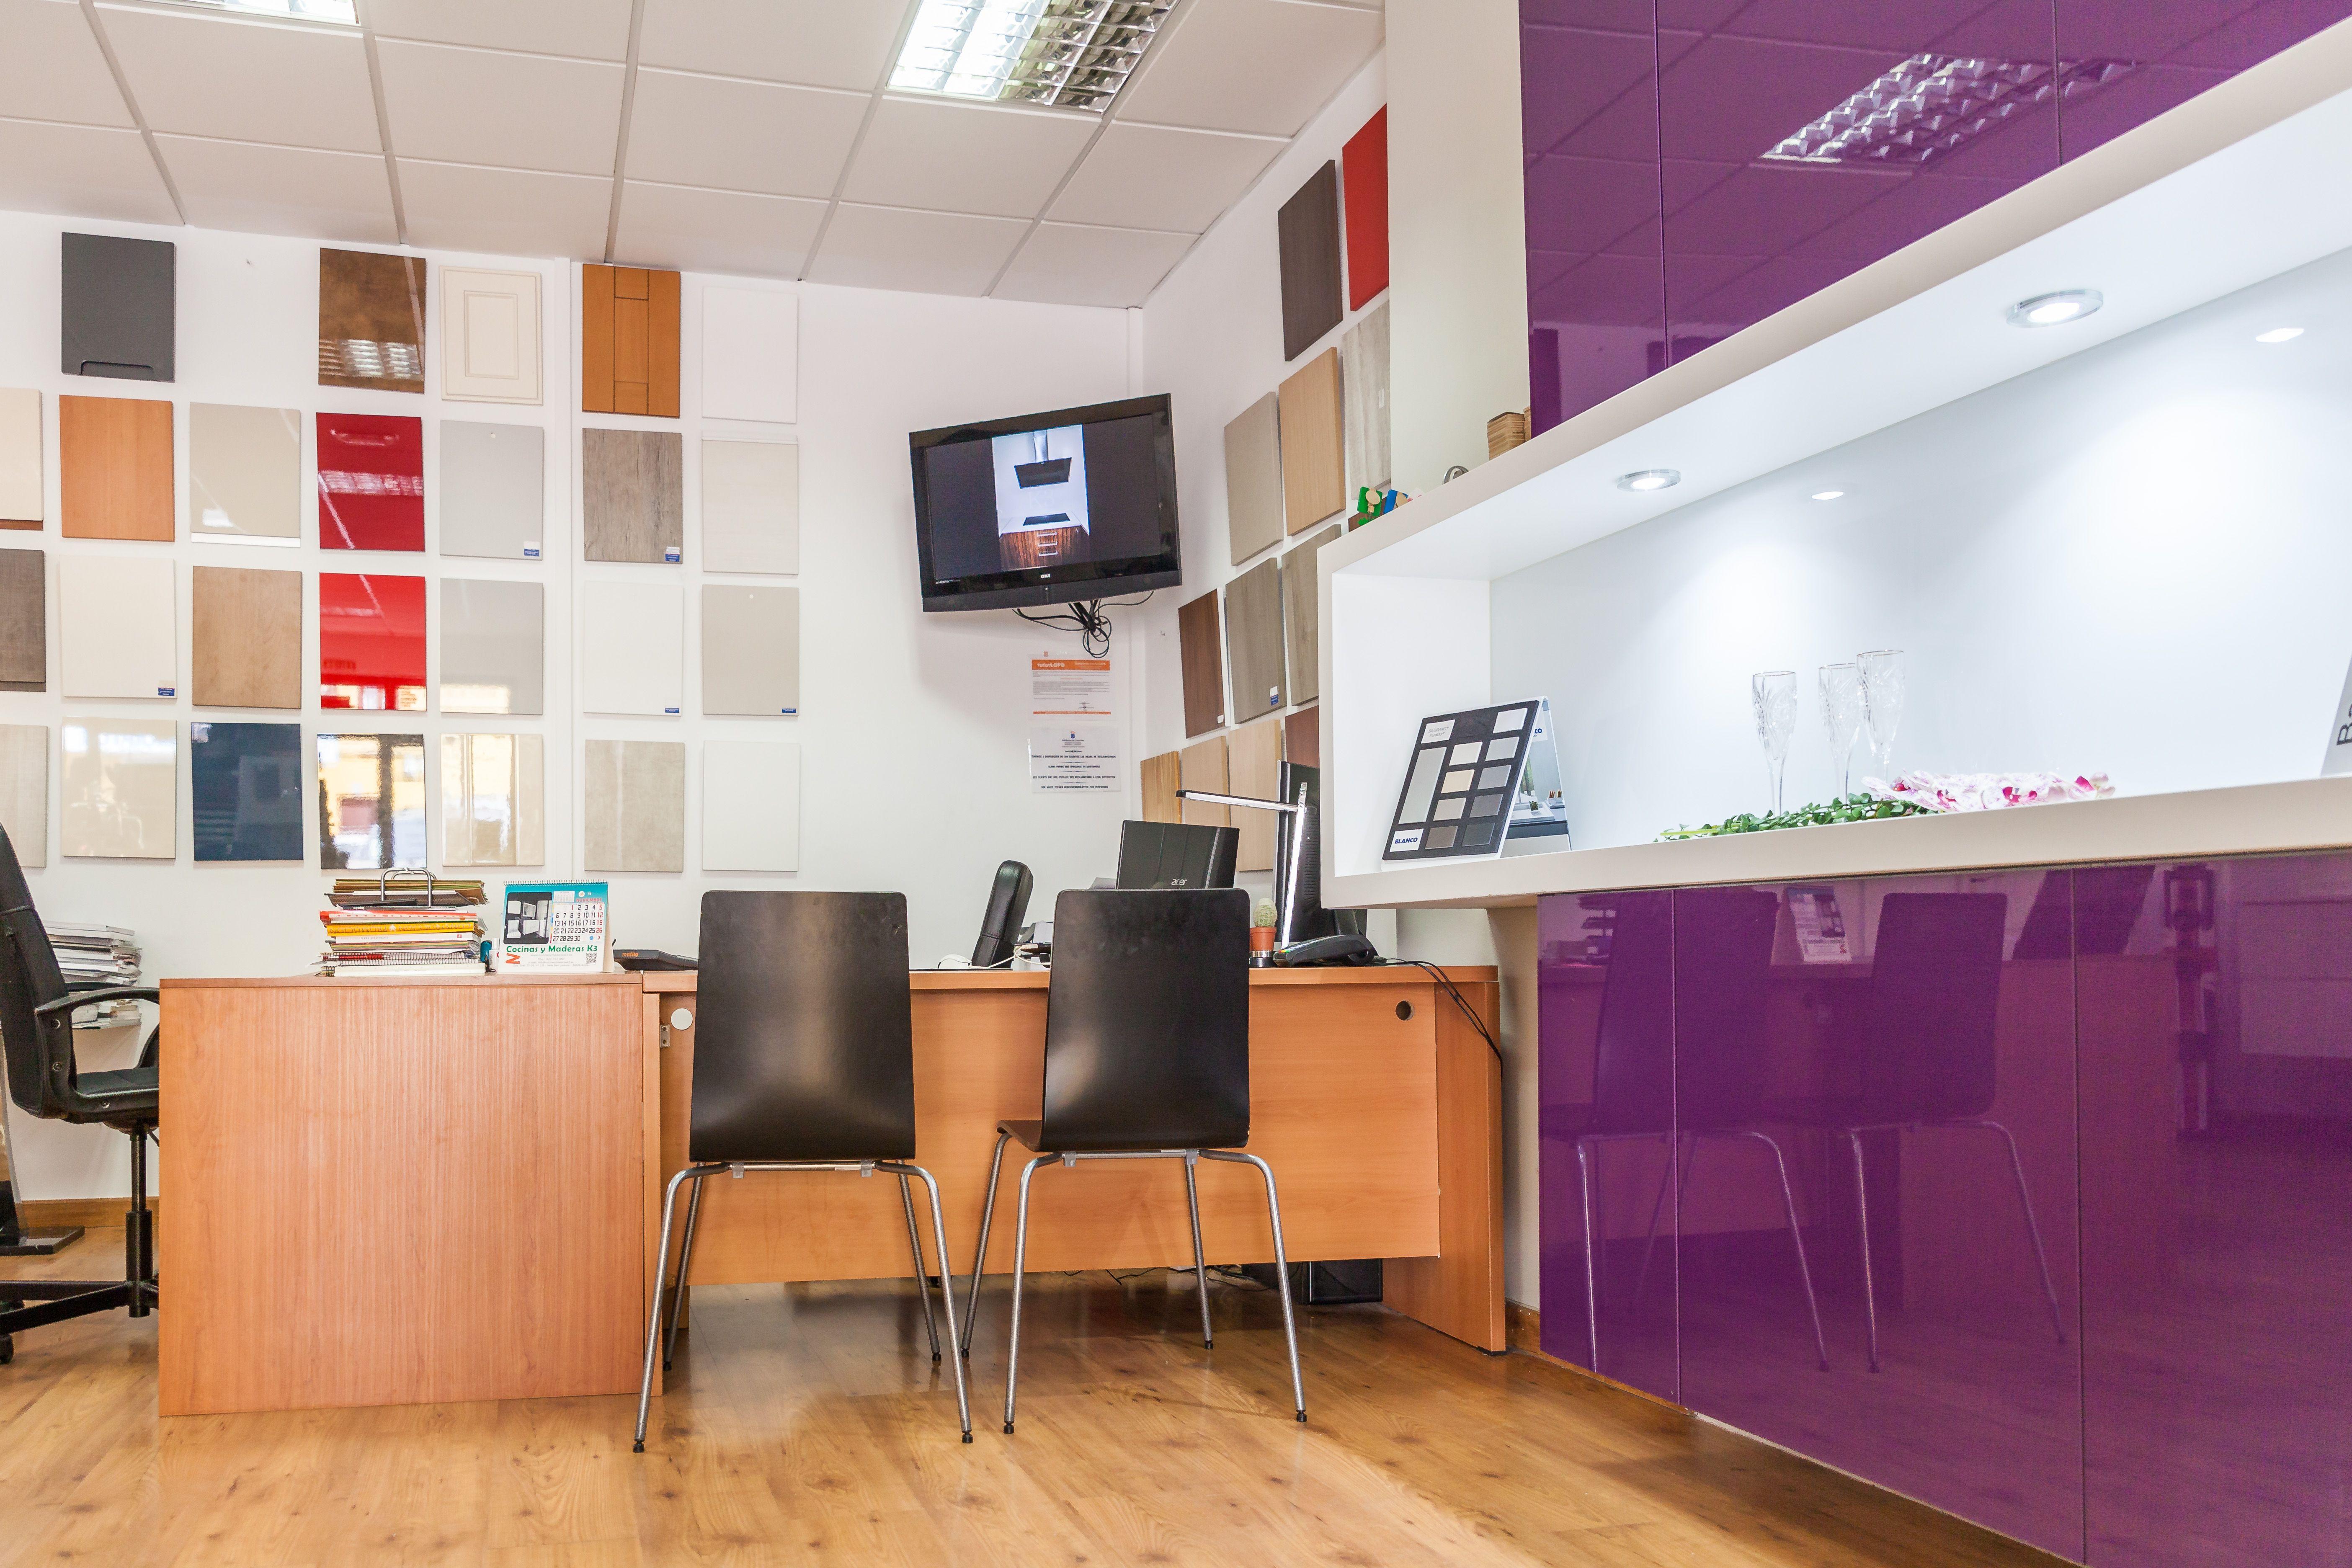 Foto 2 de Muebles cocina en Arona | Grupo K3